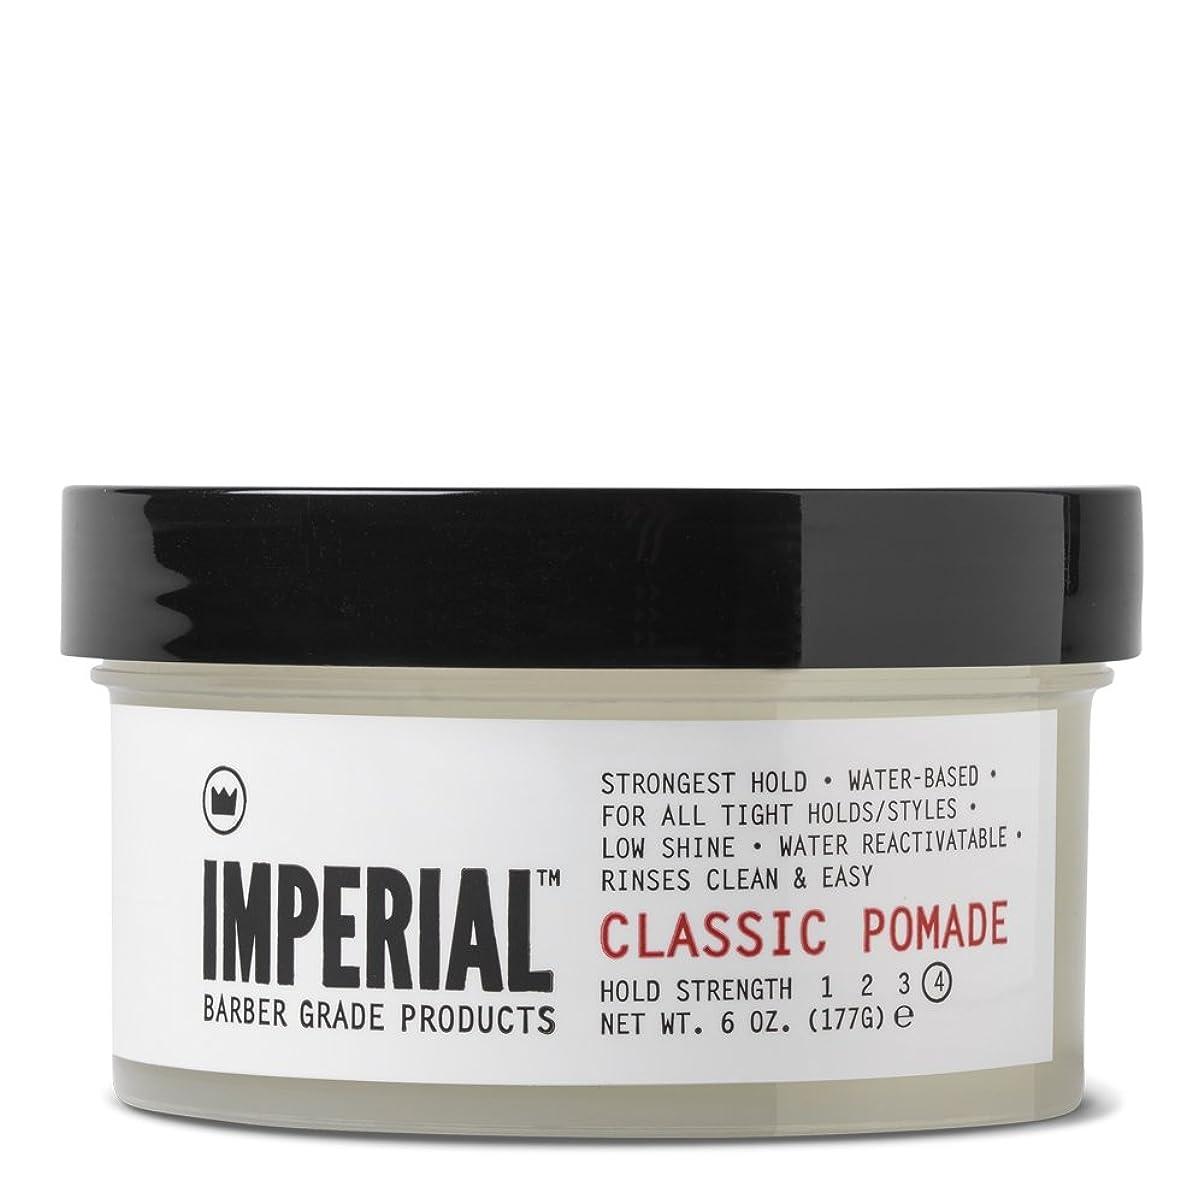 オープニング先見の明詳細にImperial Barber グレード製品クラシックポマード、6オズ。 72.0オンス